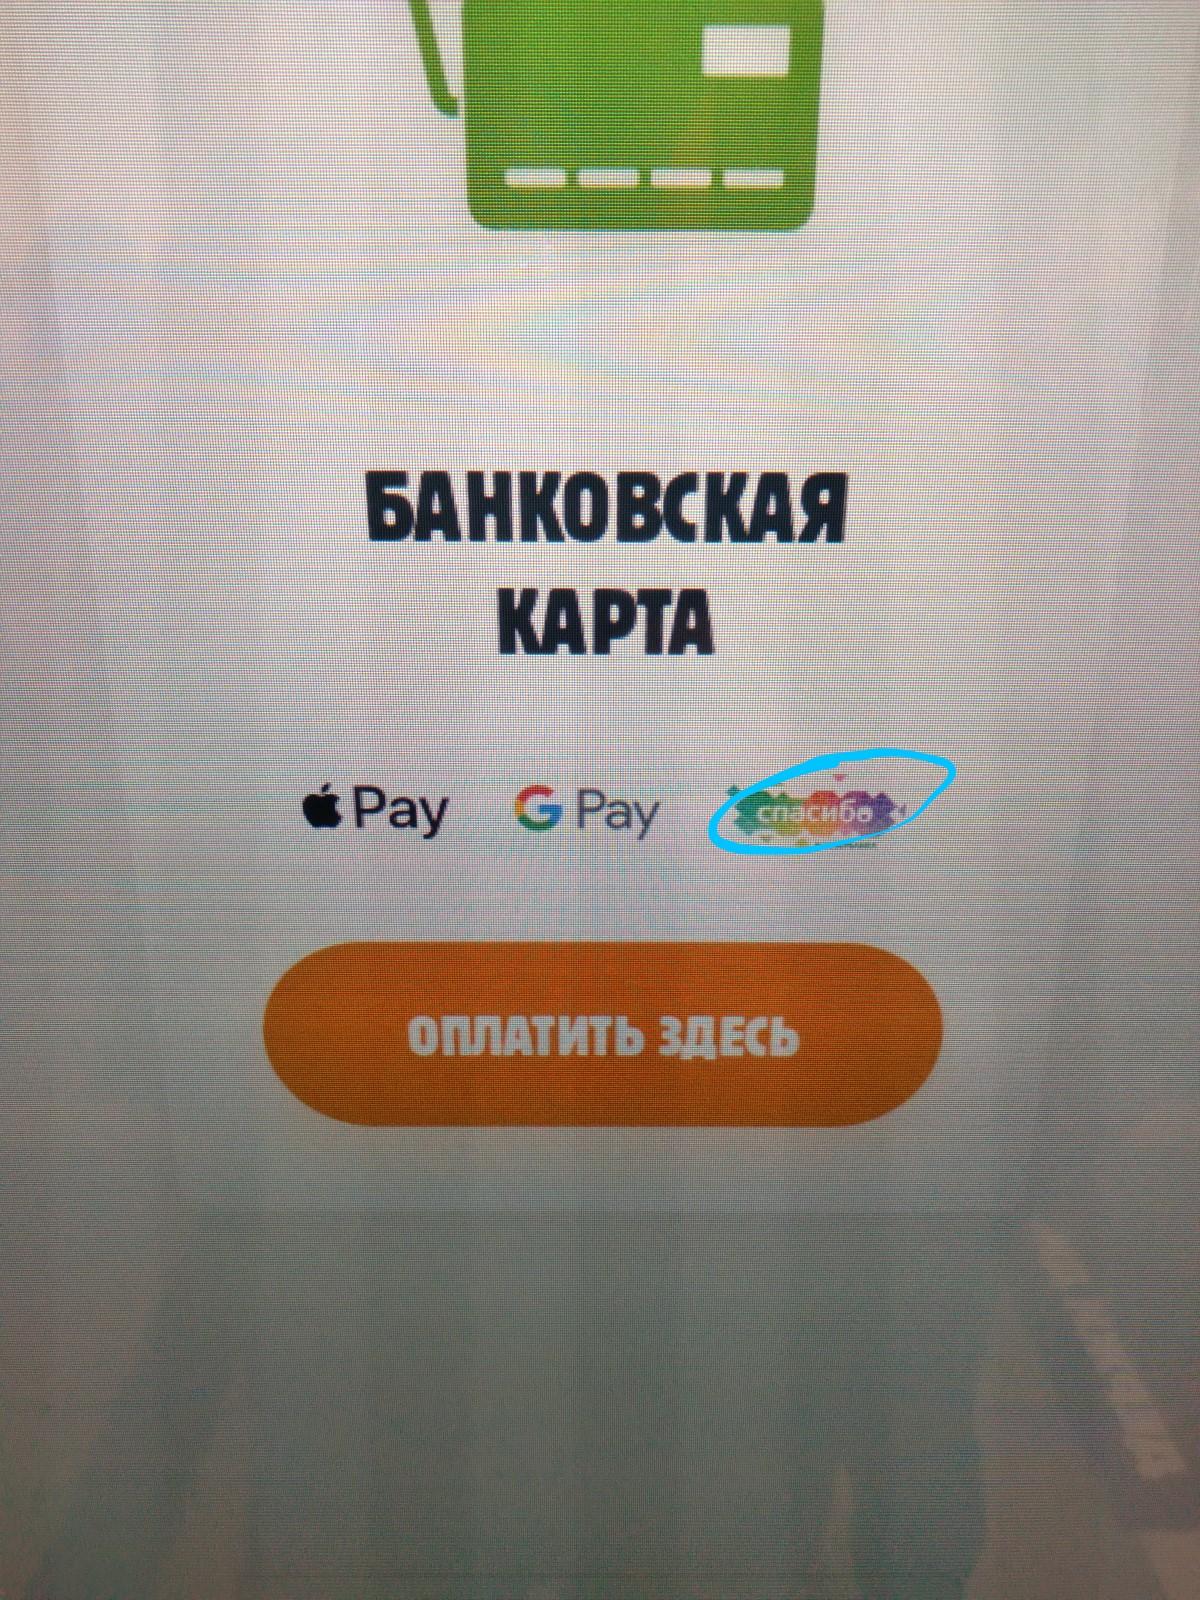 Оплата заказа Бургер Кинг бонусами Спасибо через терминал